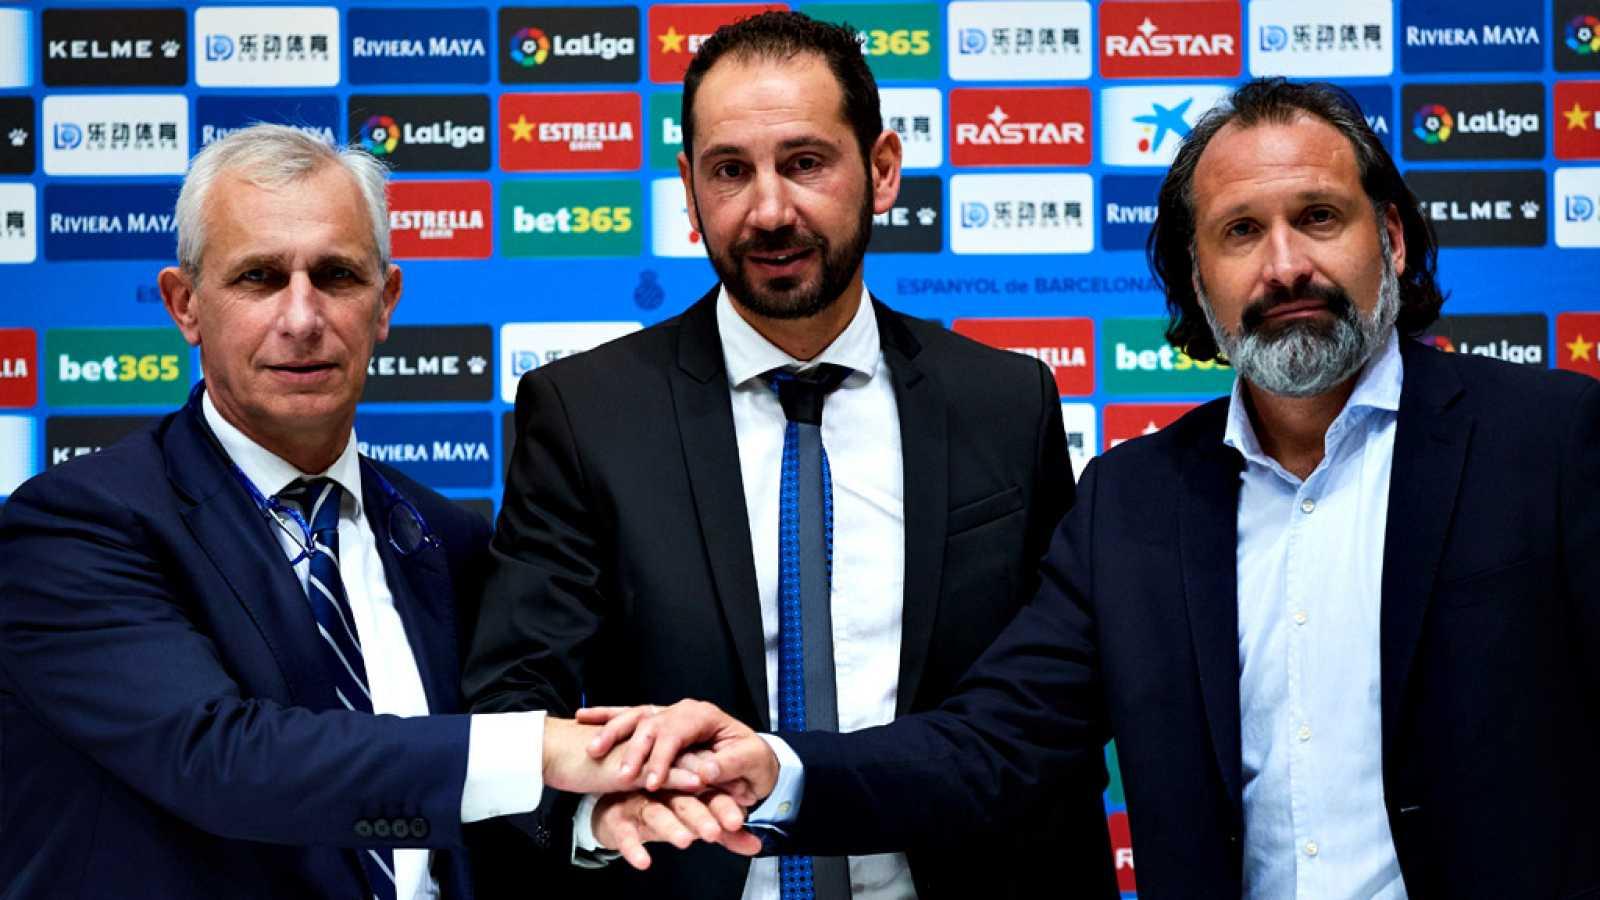 El nuevo entrenador del RCD Espanyol, Pablo Machín, ha asegurado  en su presentación como nuevo técnico blanquiazul que quiere mejorar  y crecer de la mano de su nuevo equipo y, con trabajo e implicación,  subsanar la mala situación actual.